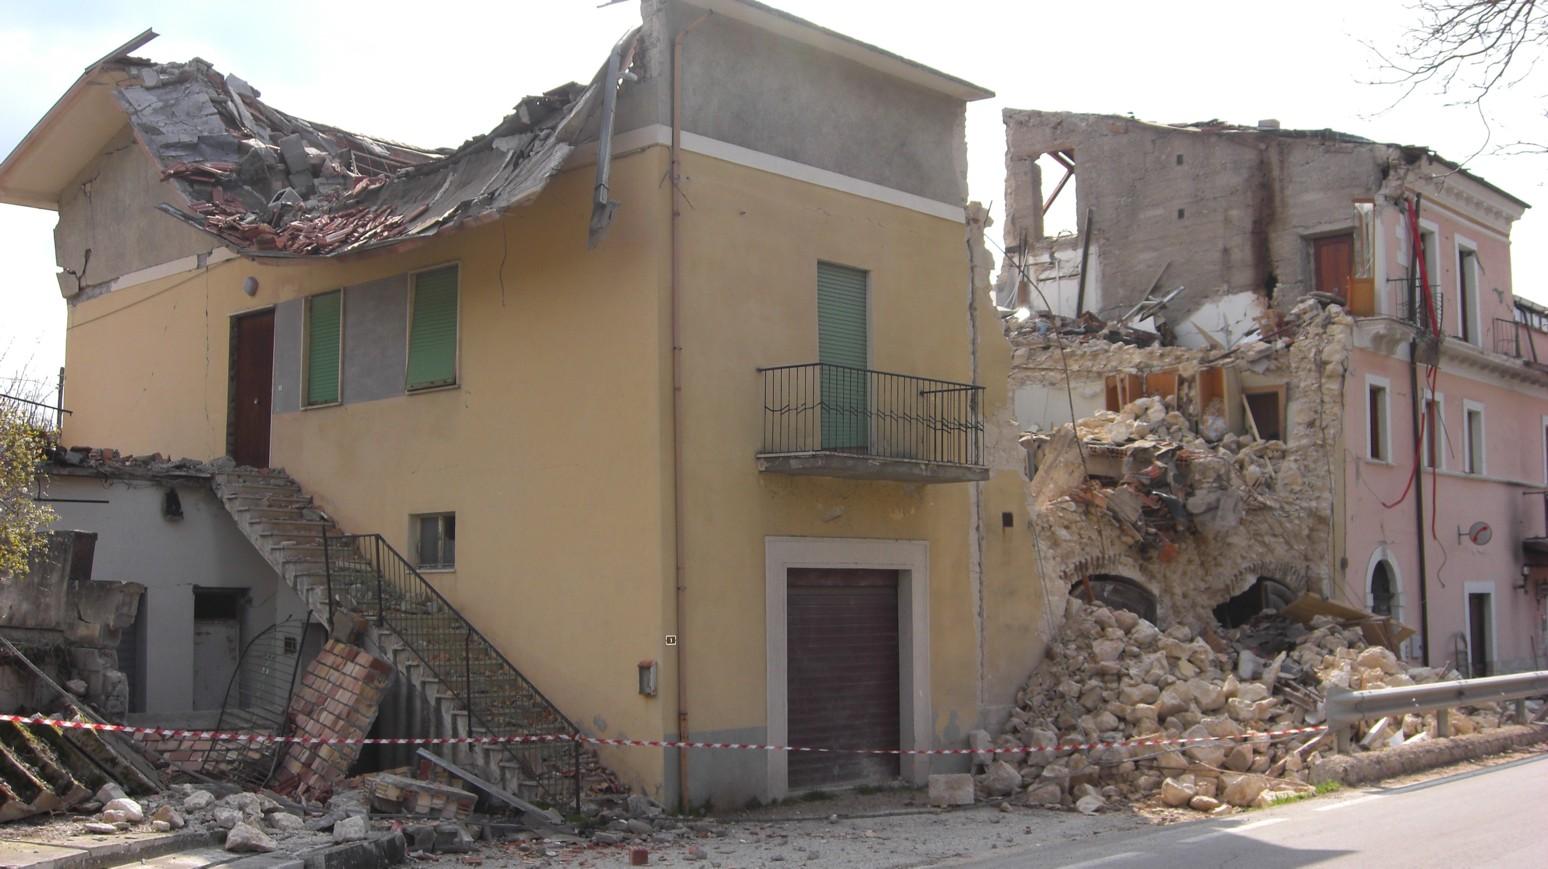 Adeguamento Sismico Verona